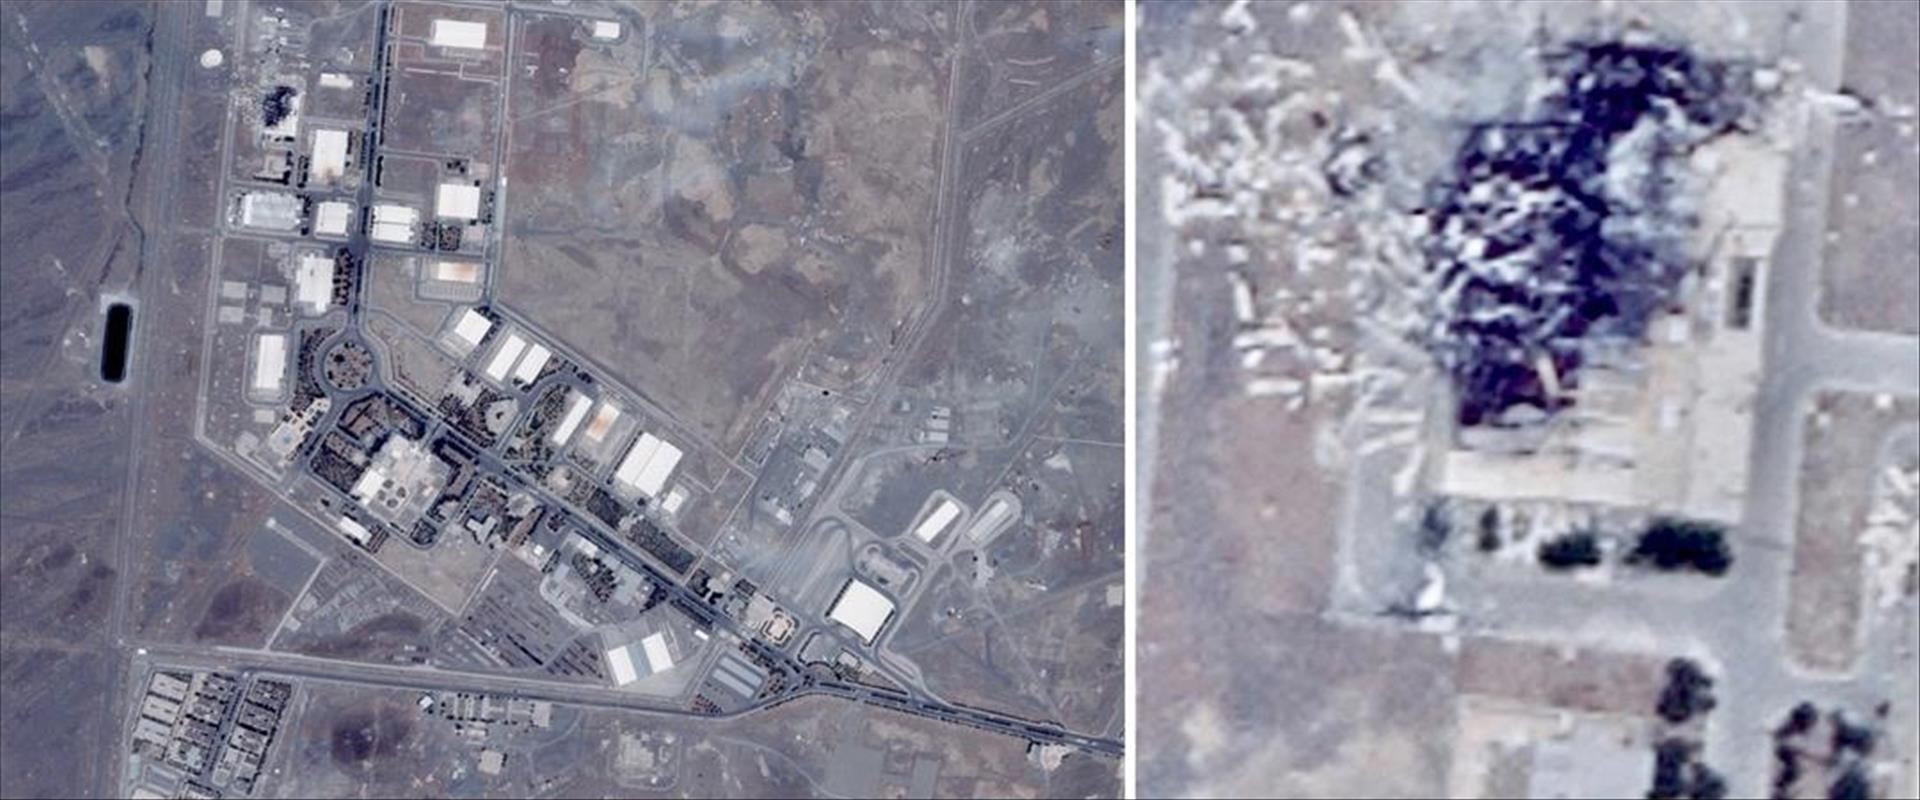 צילומי לווין של אתר הגרעין בנתנז לאחר הפיצוץ